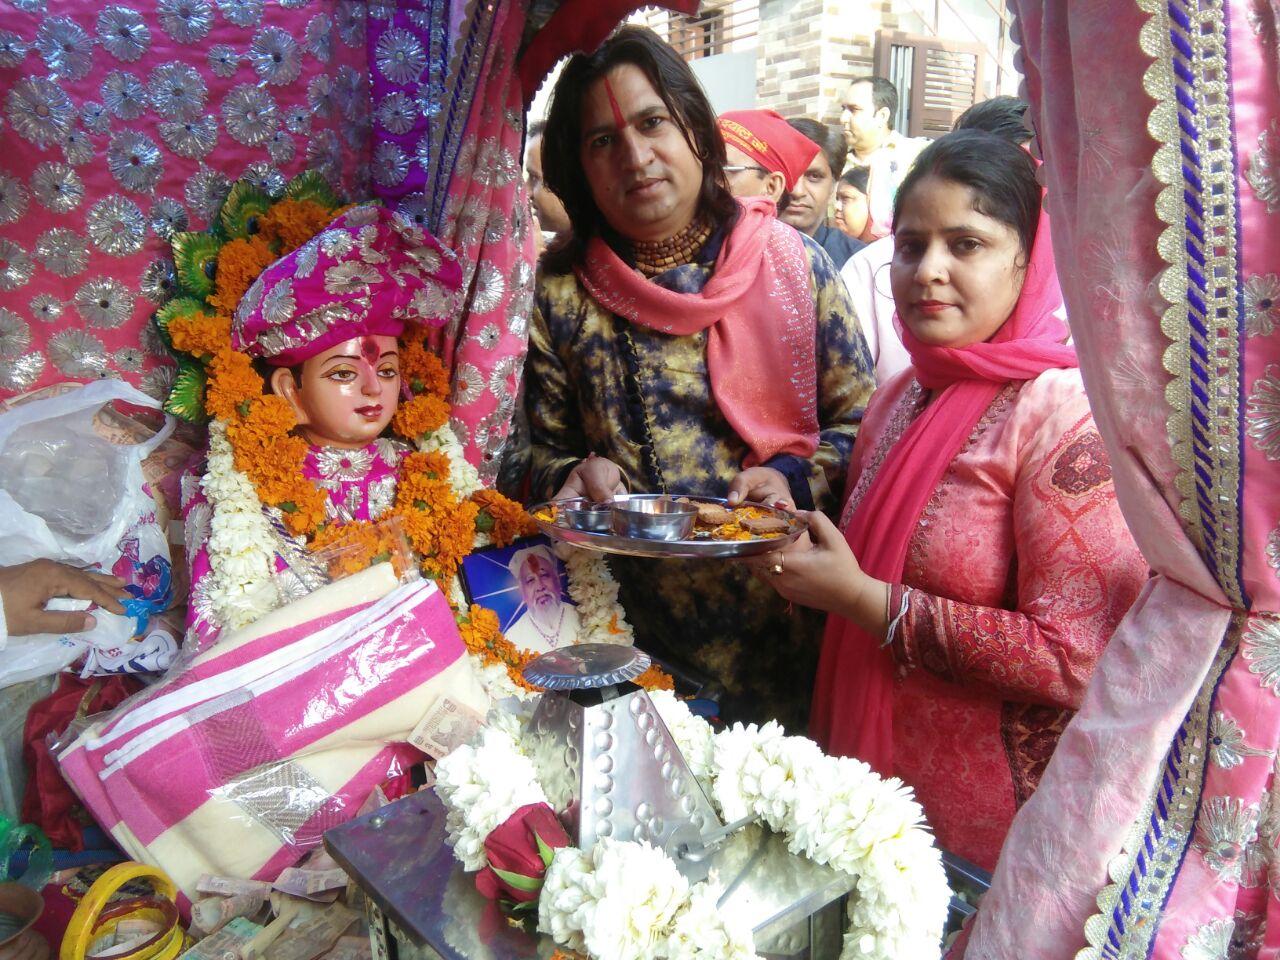 यमुनानगर के जगाधरी वर्कशाप में बाबा लालजी के स्वरूप की पूजा अर्चना करते स्वामी रामजी दास।